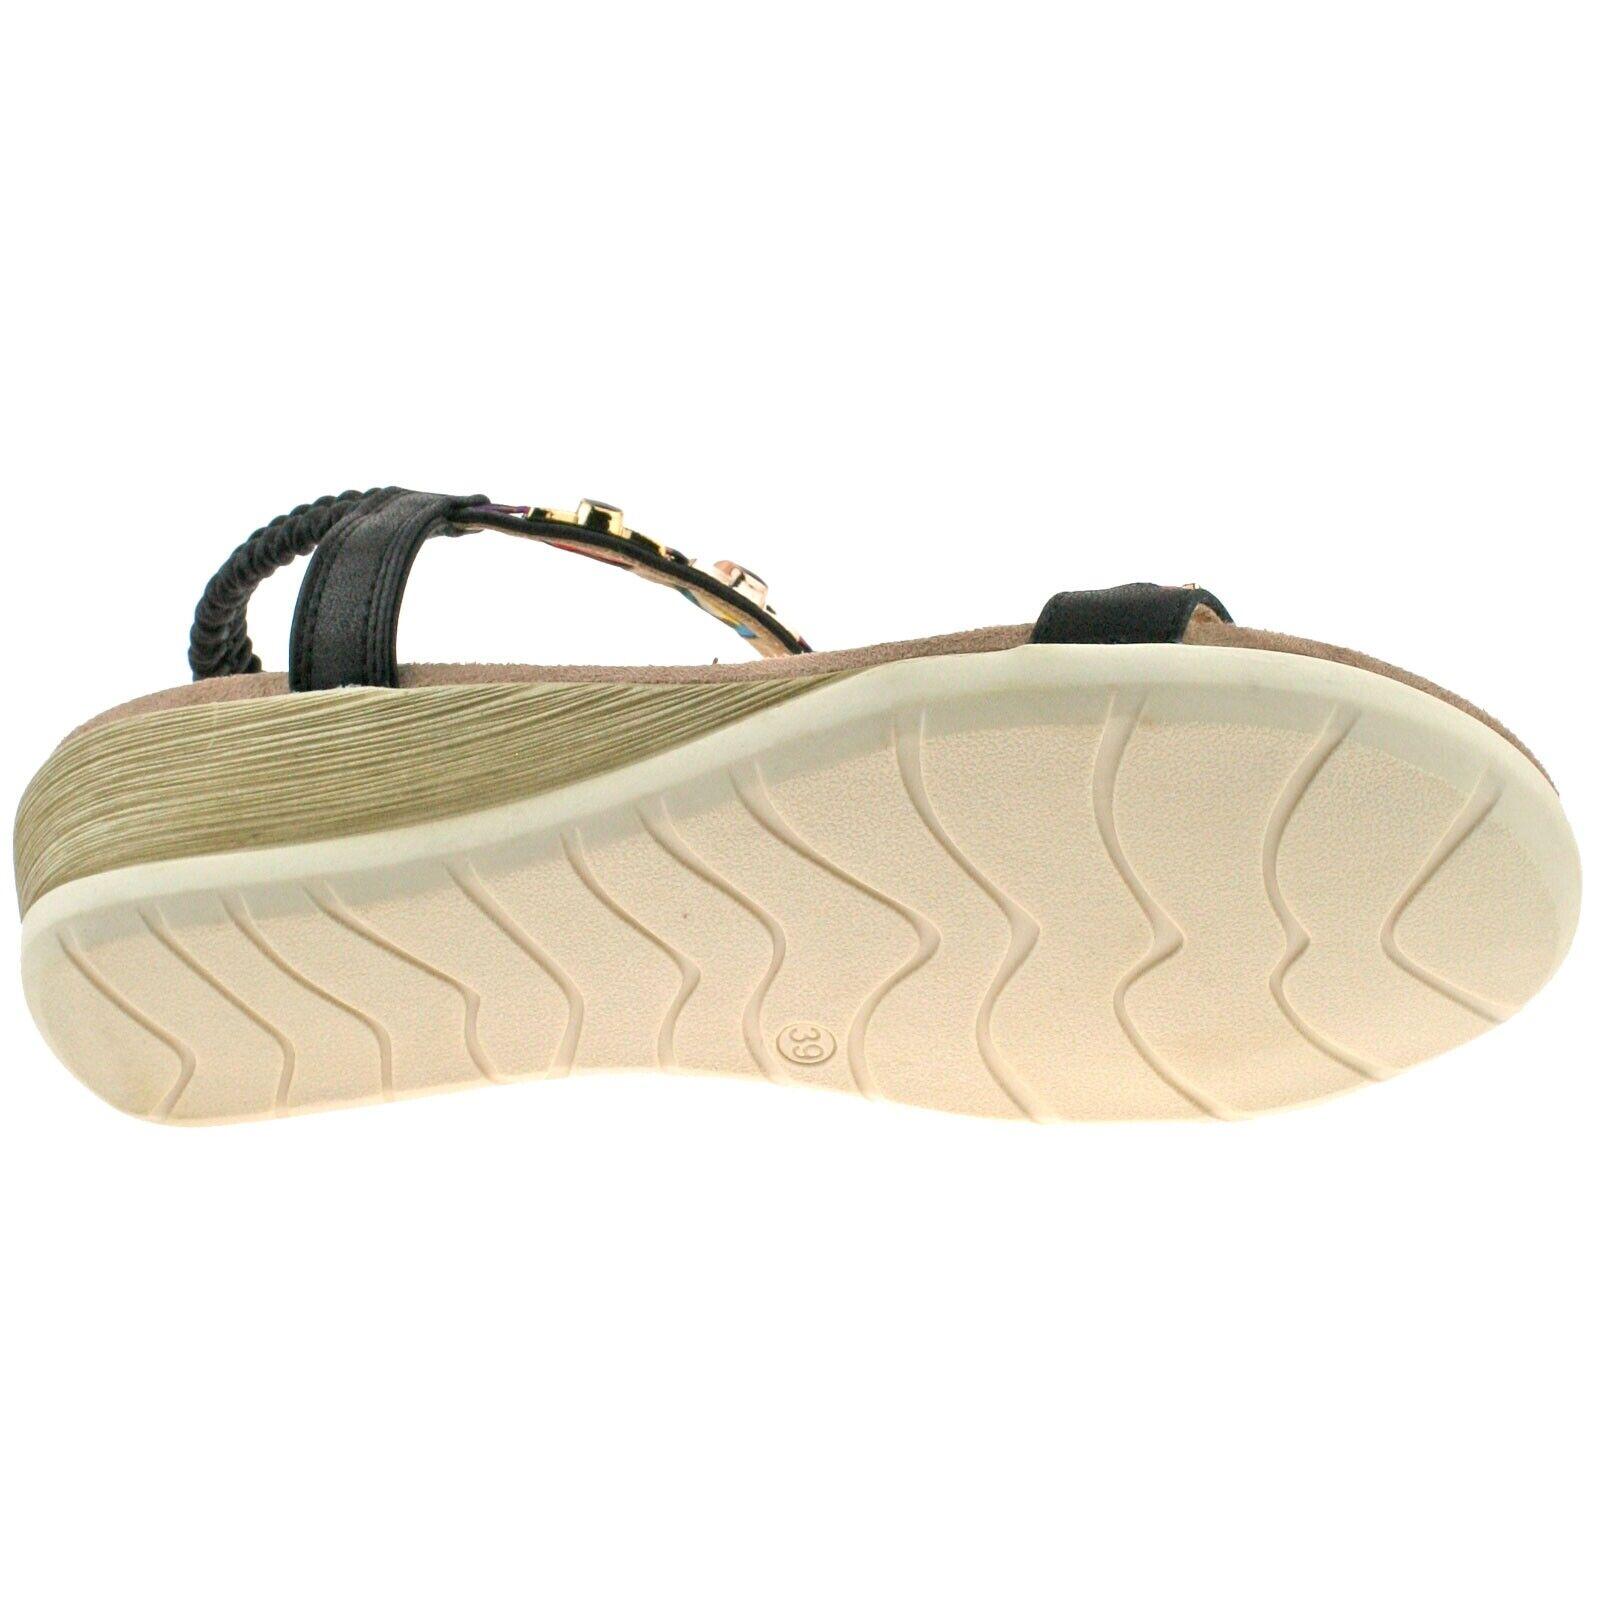 Dunlop Ladies Wedge Flip Flops